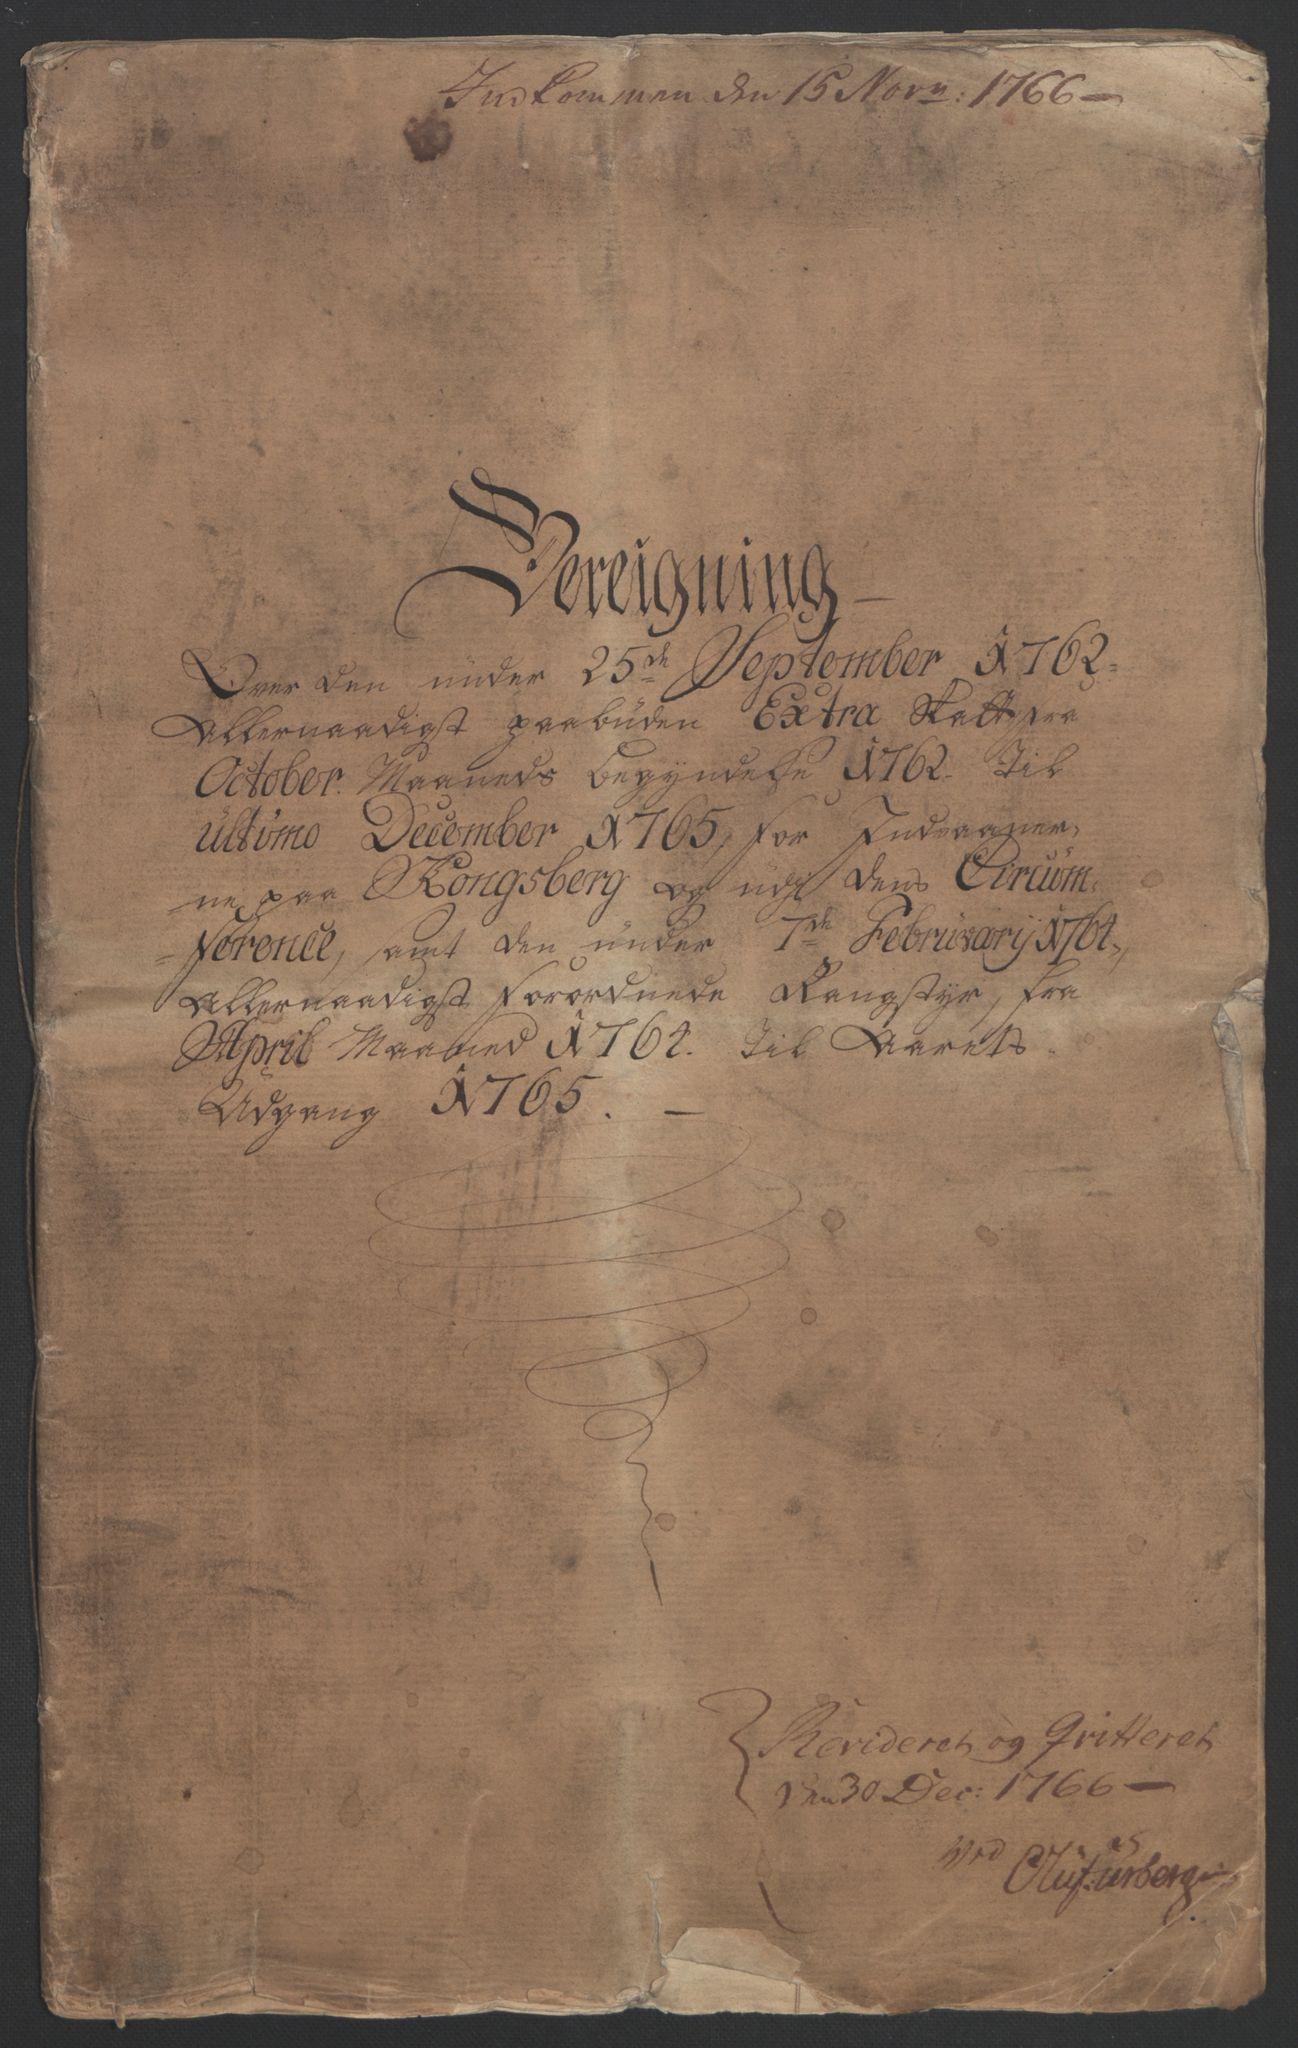 RA, Rentekammeret inntil 1814, Reviderte regnskaper, Bergverksregnskaper, R/Rc/Rca/L0843: Ekstraskatt, 1762-1765, s. 5